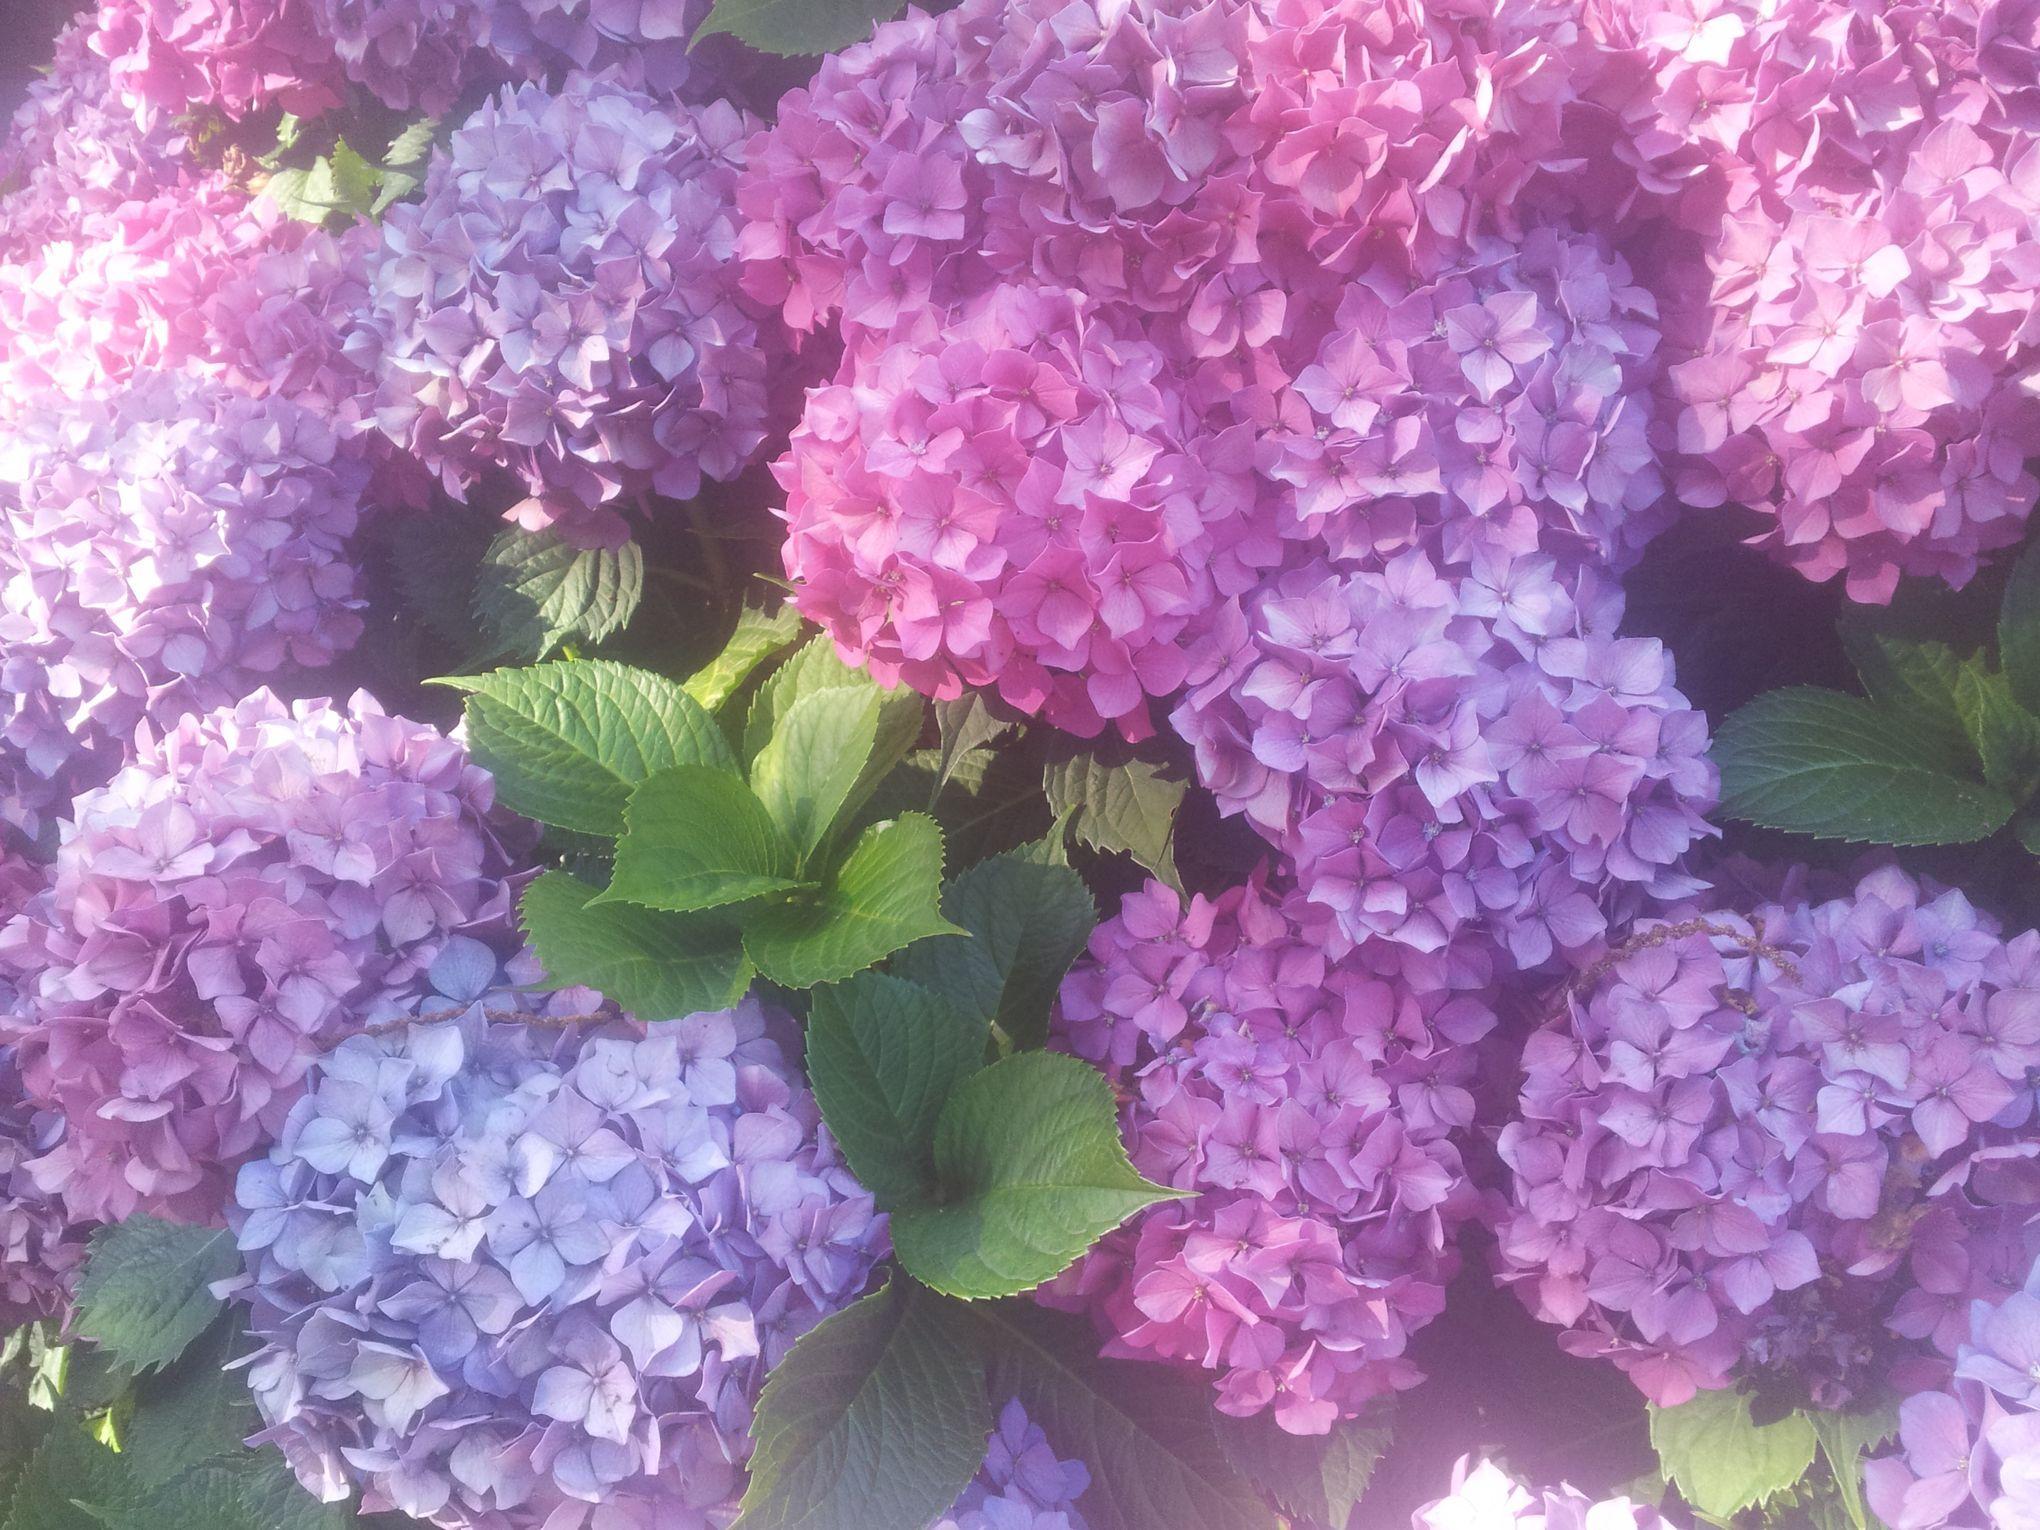 comment aider vos plantes à affronter la canicule